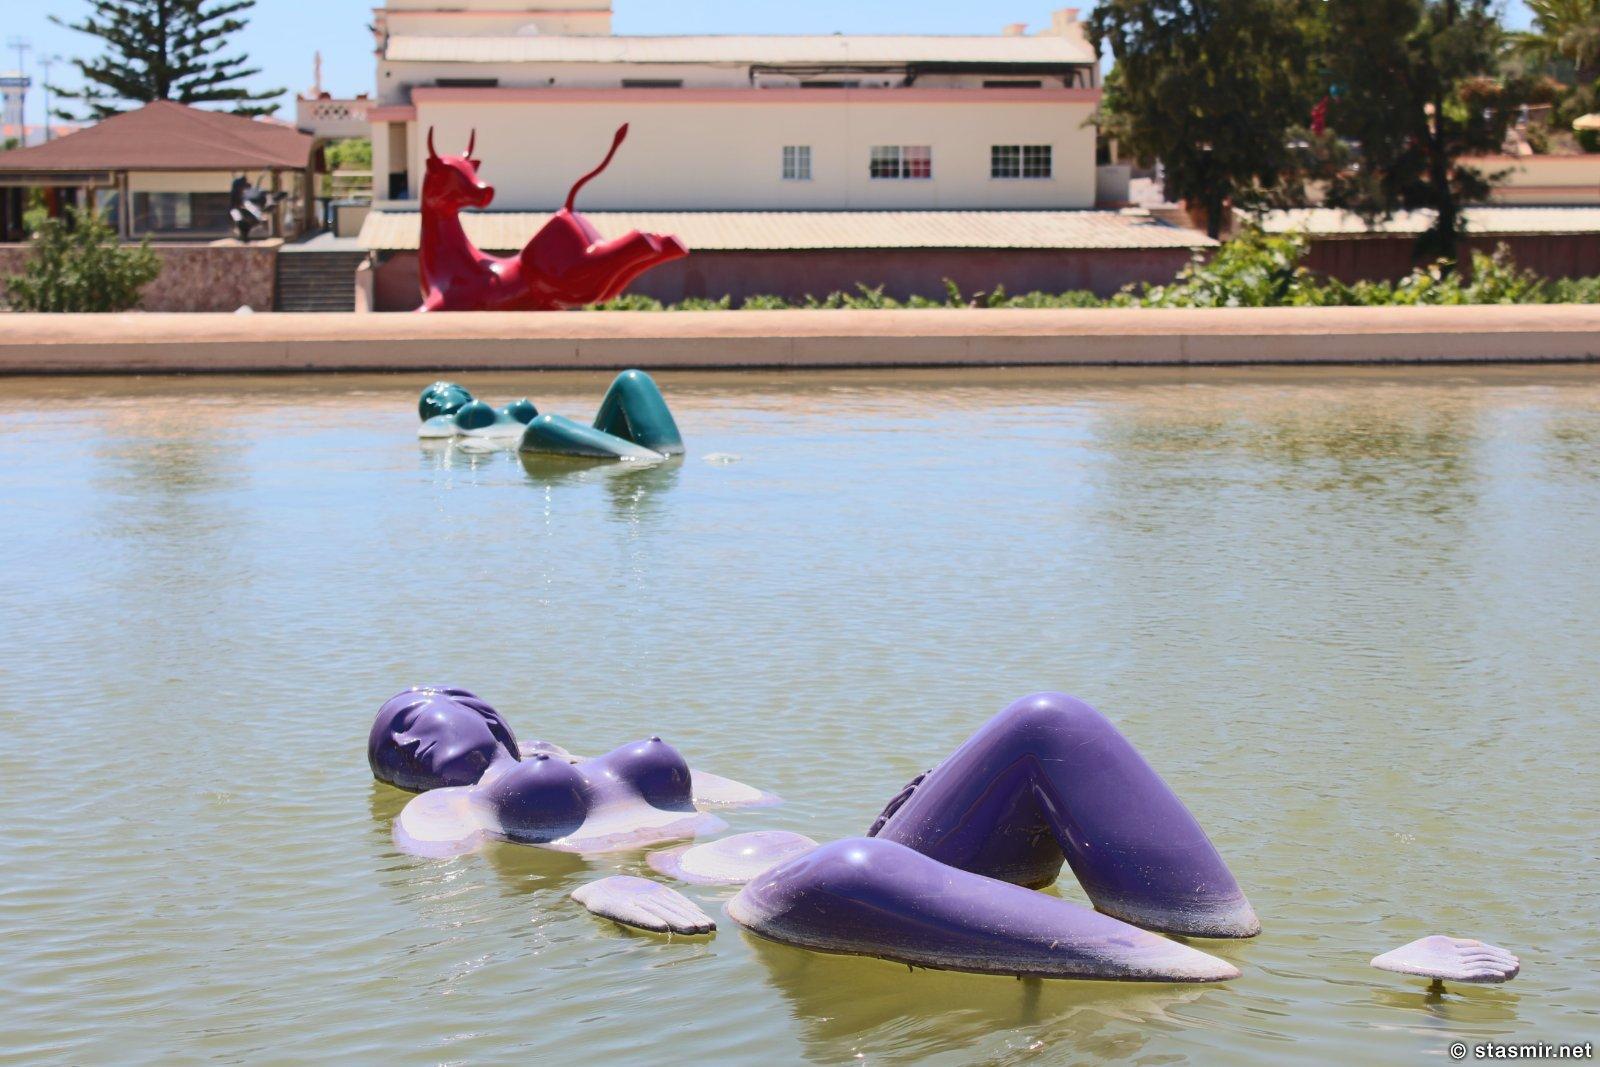 Скульптура плавающих тетенек на винограднике в Португалии, фото Стасмир, photo Stasmir